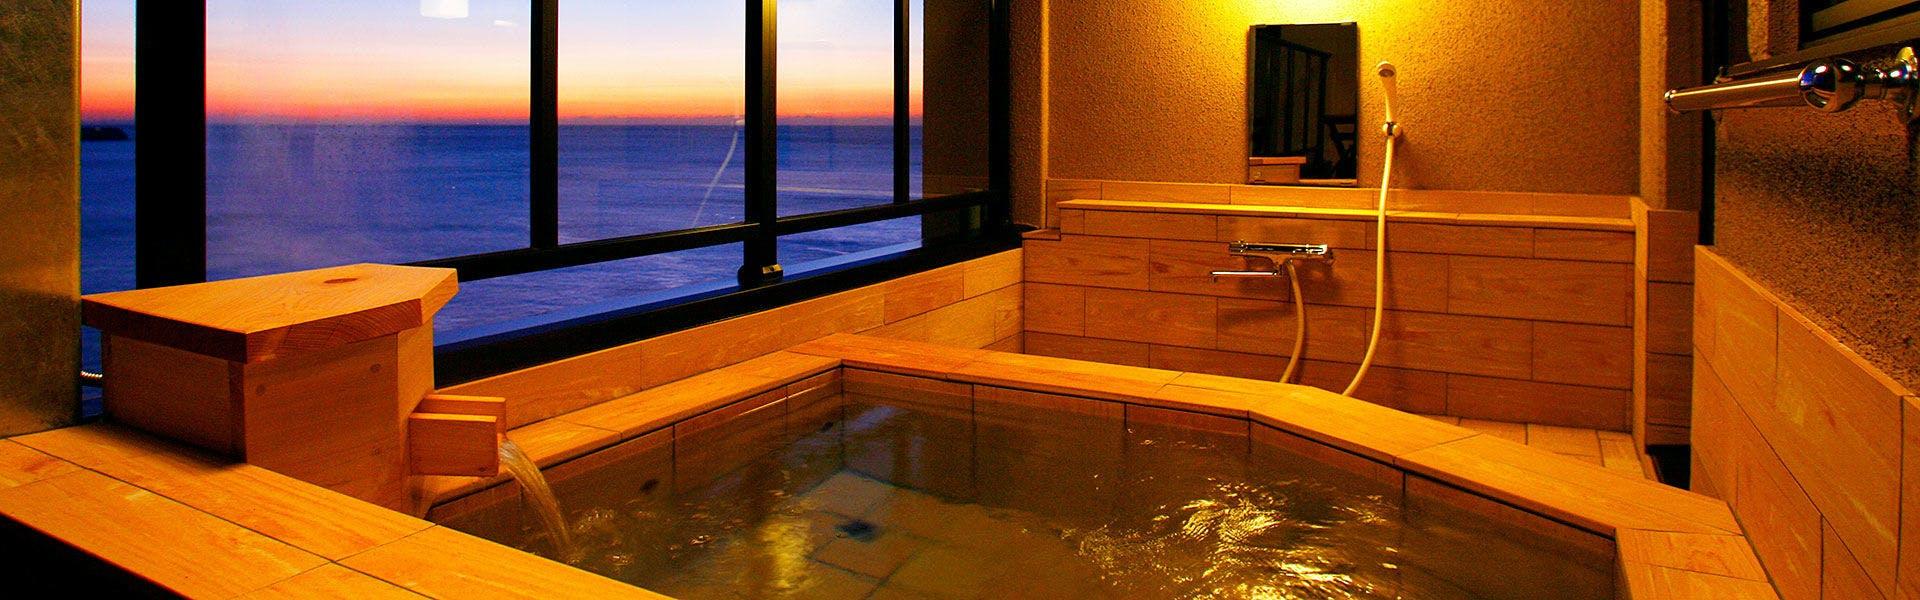 記念日におすすめのホテル・隠れ湯の宿 月のあかりの写真1